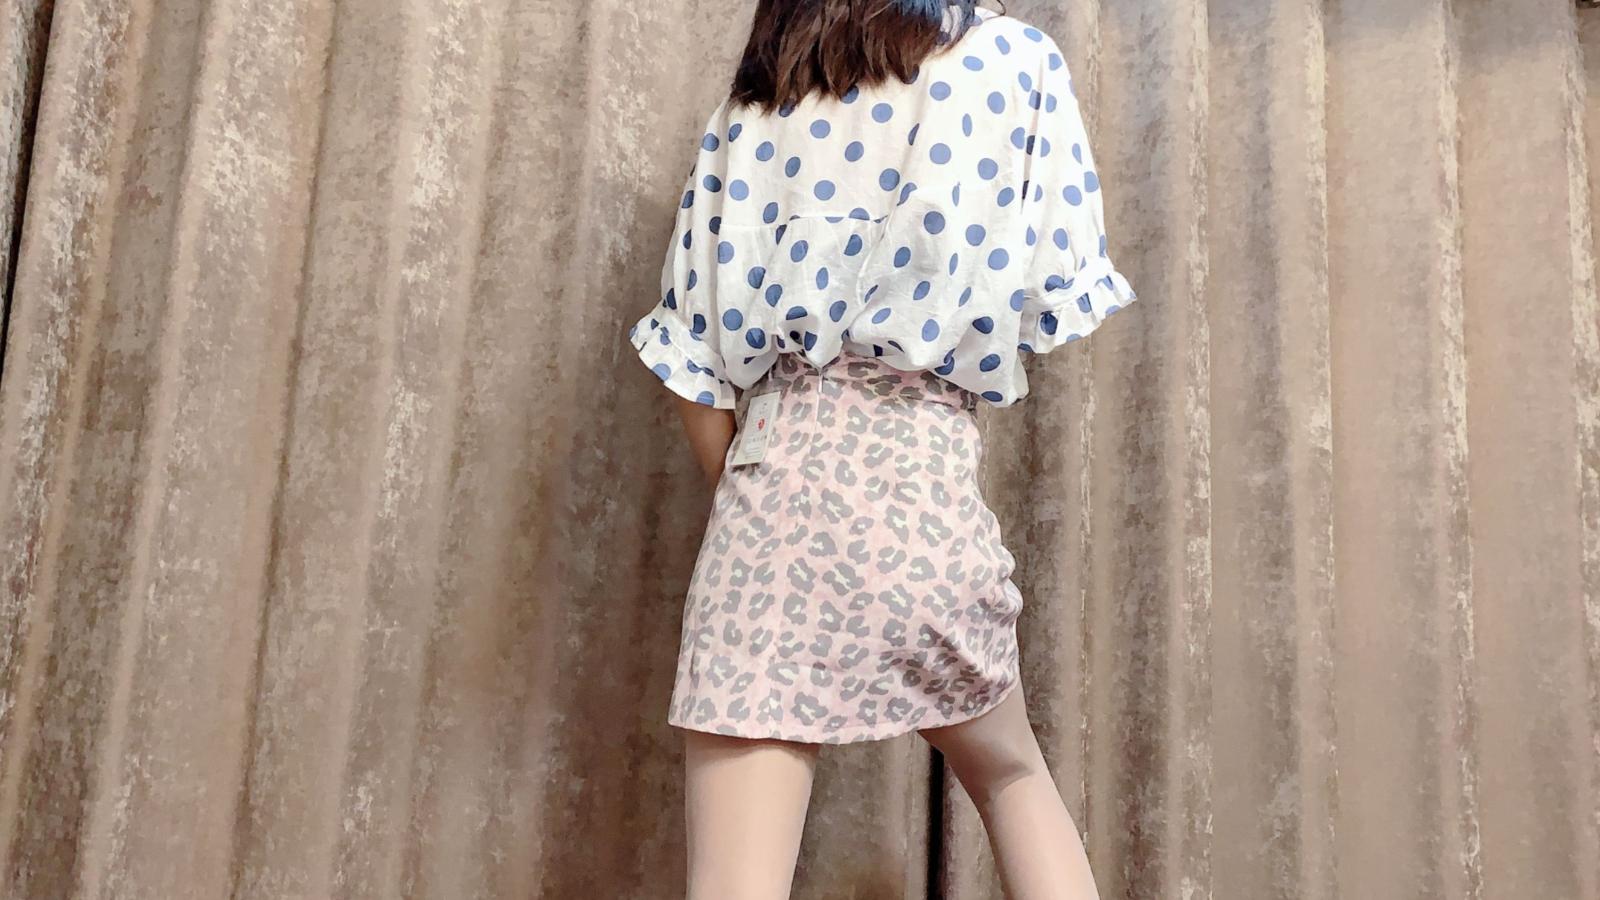 穿上豹纹短裙,配上丝袜和8厘米高的细高跟鞋,非常漂亮和好看